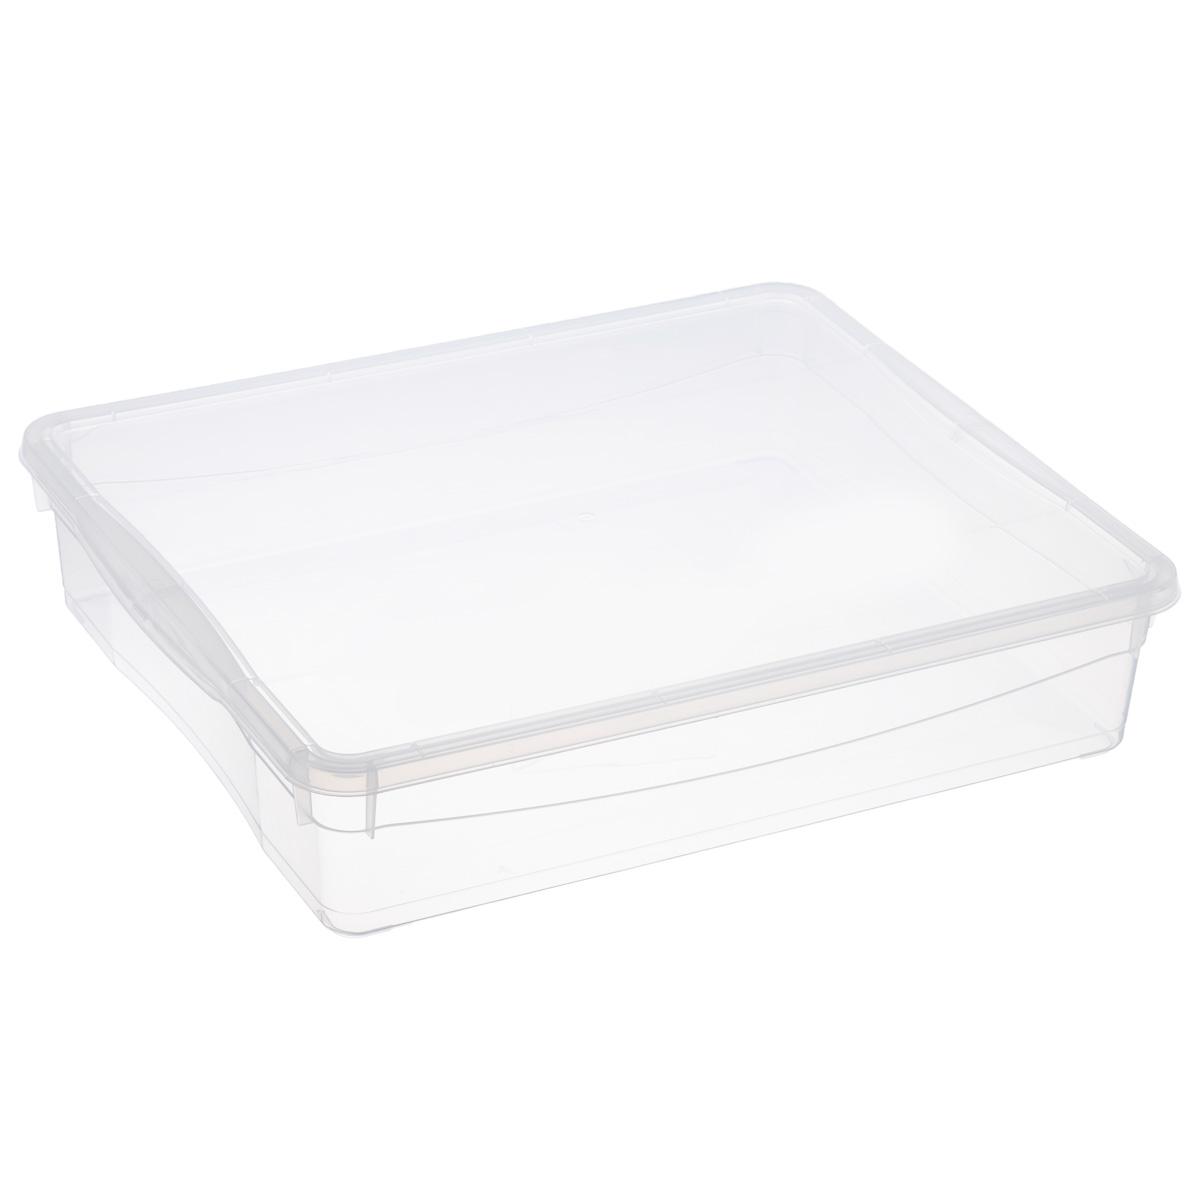 Ящик универсальный Econova Кристалл, цвет: прозрачный, 9 лС12494Универсальный ящик Econova Кристалл выполнен из прочного пластика и предназначен для хранения различных предметов. Изделие оснащено удобной крышкой. Очень функциональный и вместительный, такой ящик будет очень полезен для хранения вещей или продуктов, а также защитит их от пыли и грязи.